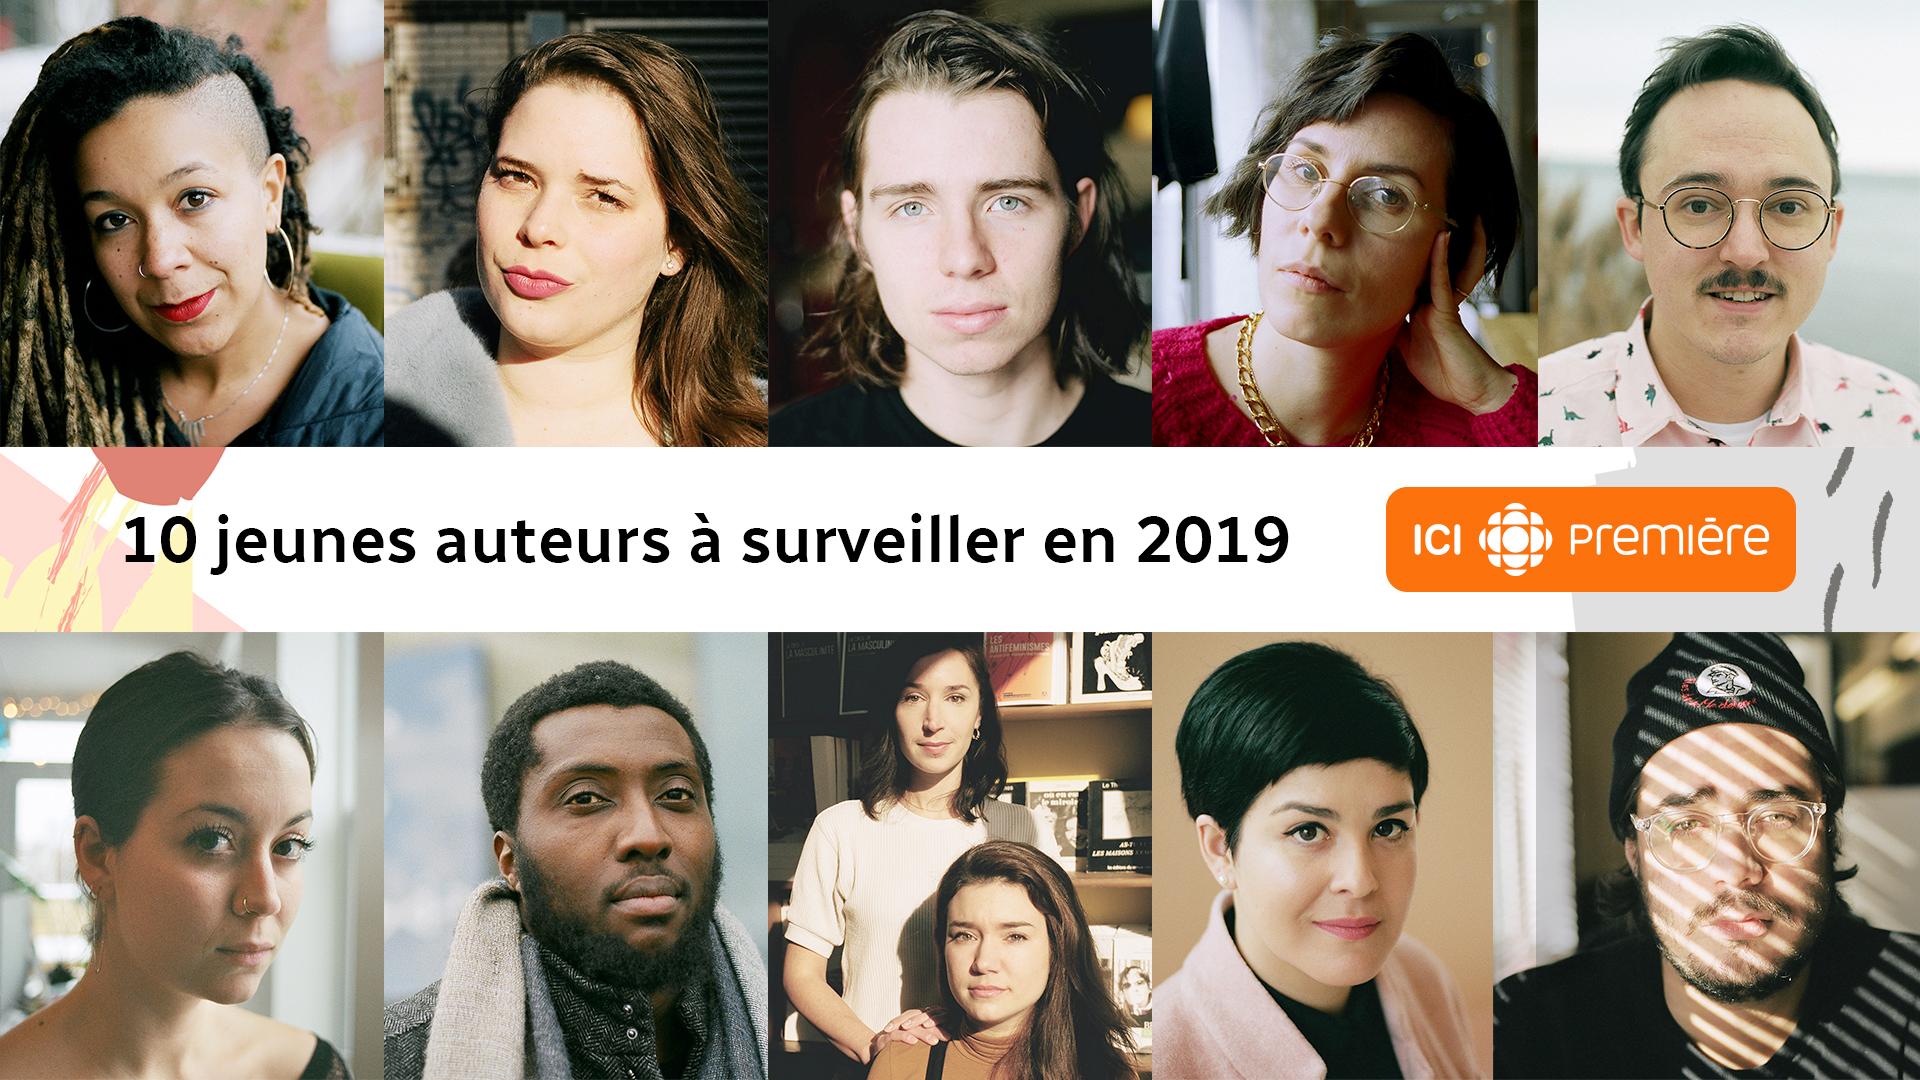 ICI première - 10 jeunes auteurs à surveiller en 2019